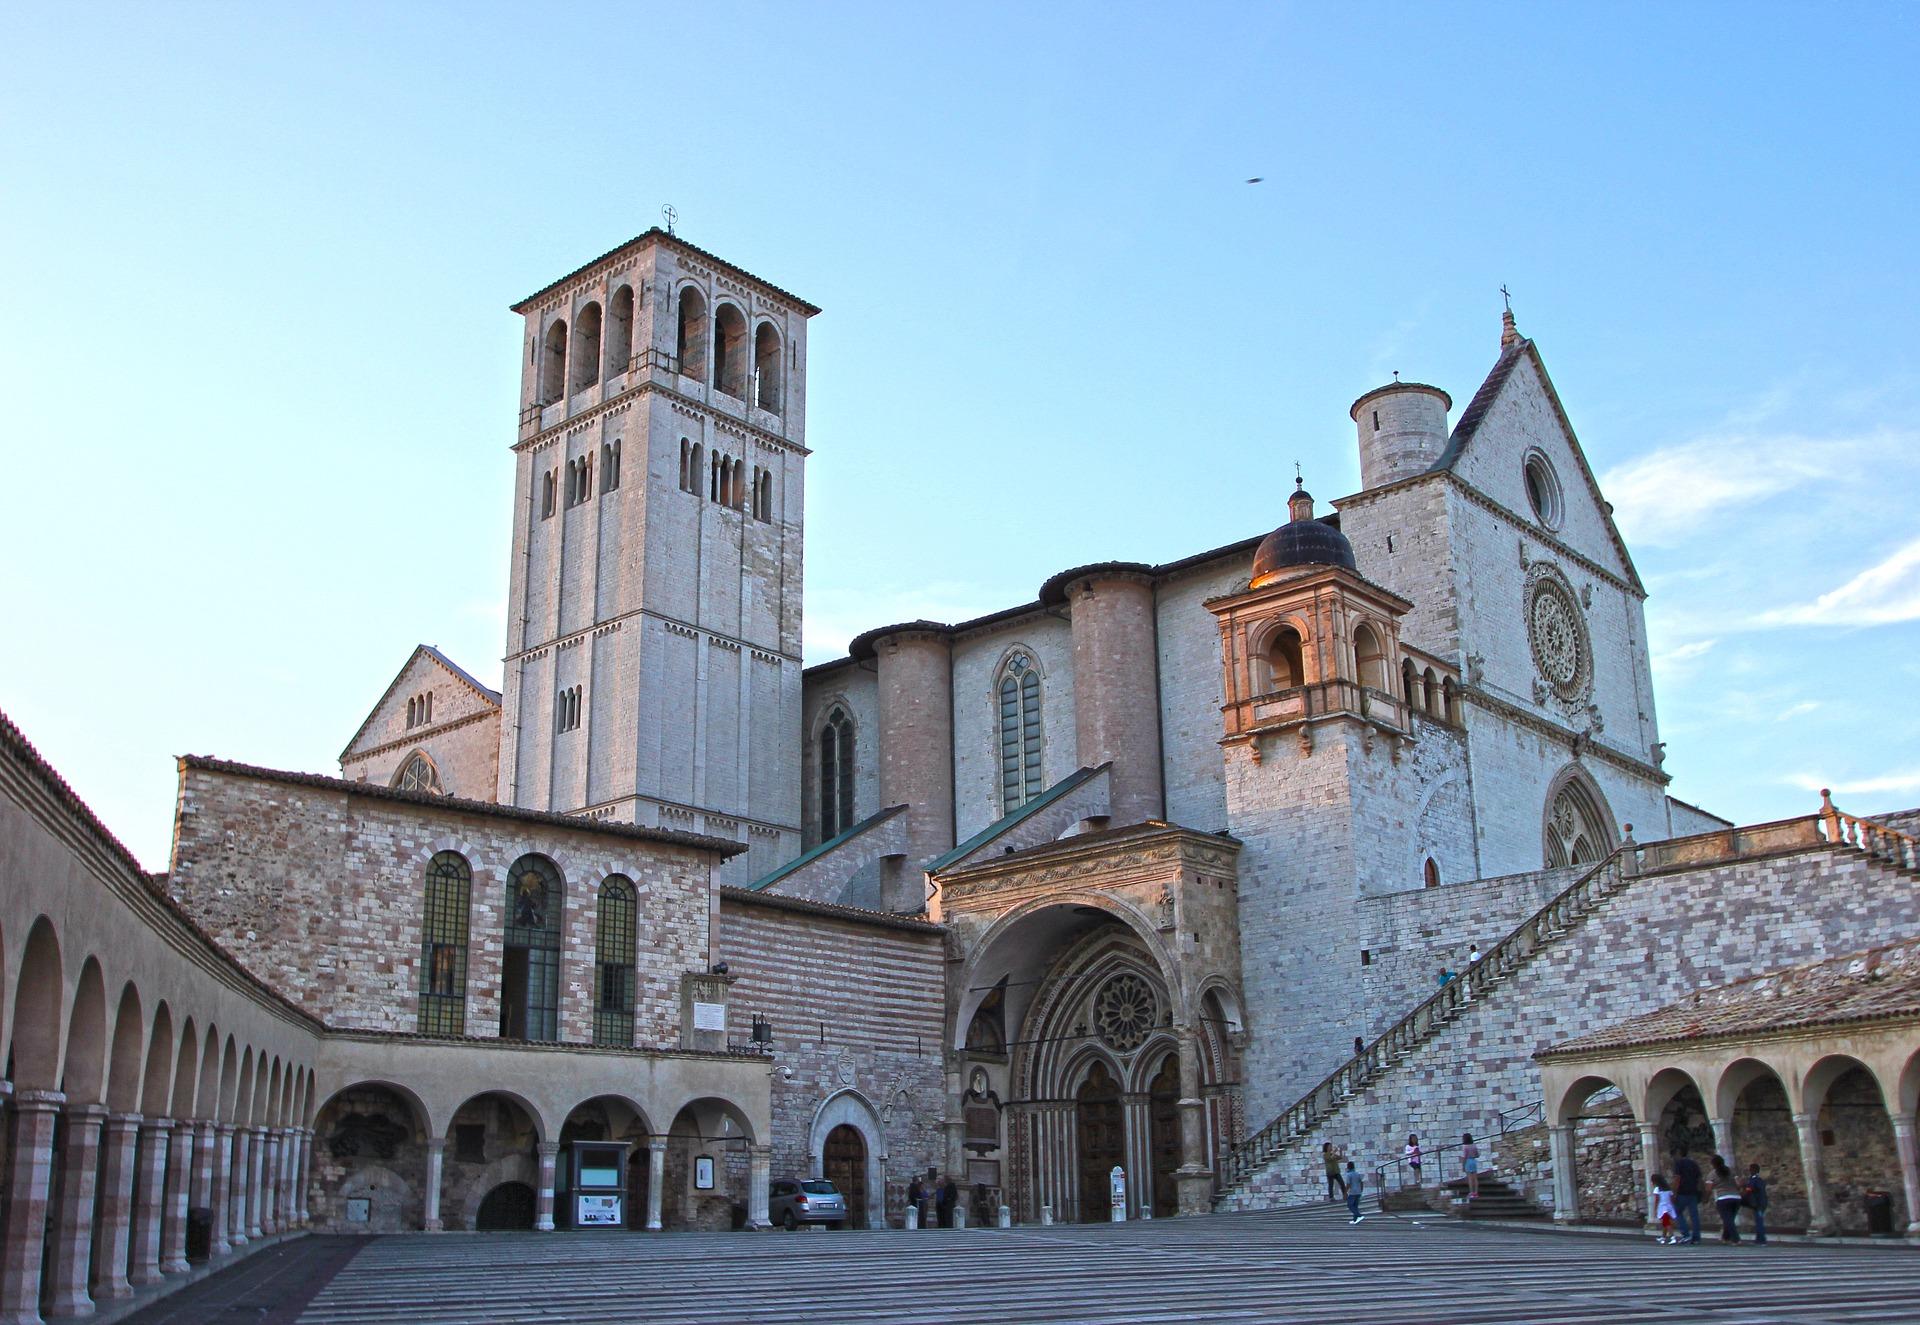 """Assisi - Herz Umbriens - Bei einem Rundgang durch die Stadt Assisi fühlt man sich ins Mittelalter zurückversetzt. Dichtgedrängt liegen hier am Abhang des Monte Subasio die Steinhäuser und die romantischen Winkel. Der Hl. Franziskus lebte und wirkte in dieser Gegend. Wir bewundern die gewaltigen Kirchen und die einfachen Klöster. Die """"Schweizer Liese"""" (Fellner Elisabeth) aus Otting folgte ihrer Schwester an diesen herrlichen Ort und trat dann in das Kloster der Bayerischen Kapuzinerinnen """"Santa Croce"""" ein. Jetzt feiert sie das Goldene Jubiläum ihres Ordensgelübdes und als Schwester Hyazintha."""